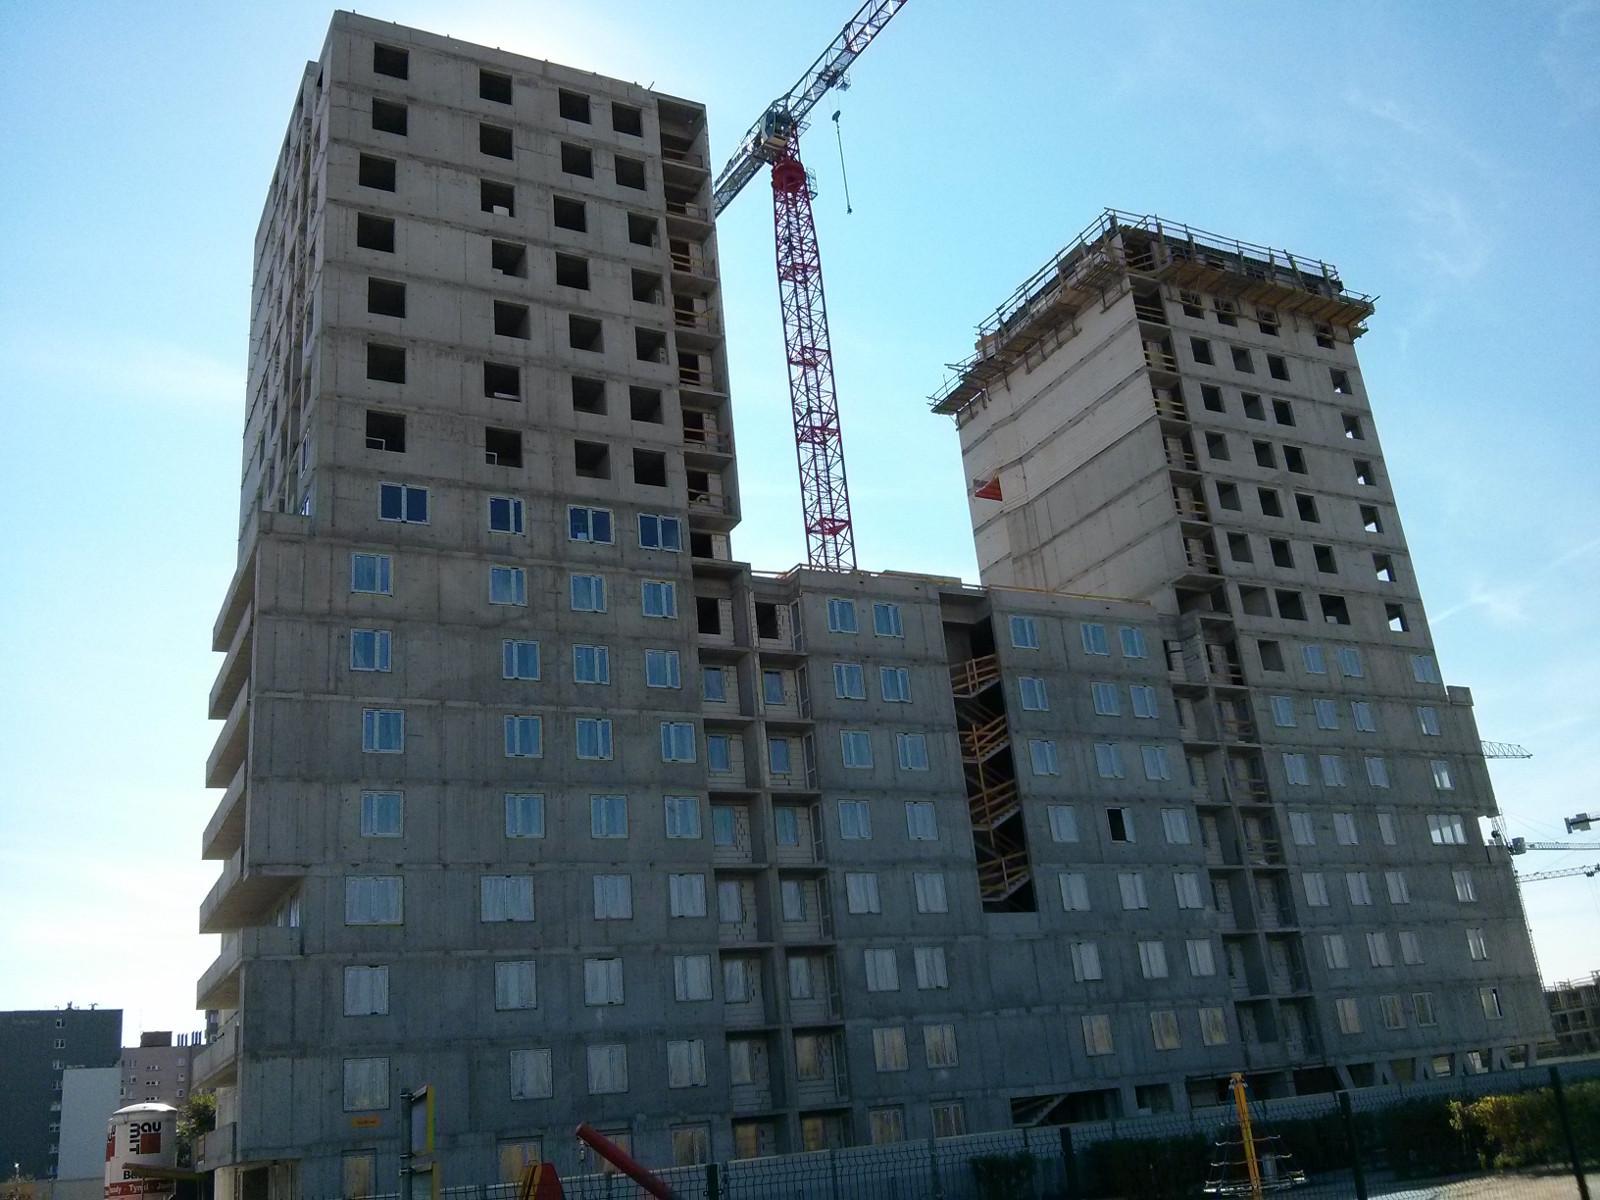 Tanie mieszkania w Krakowie Czyżynach - osiedle Avia 2 Budimexu